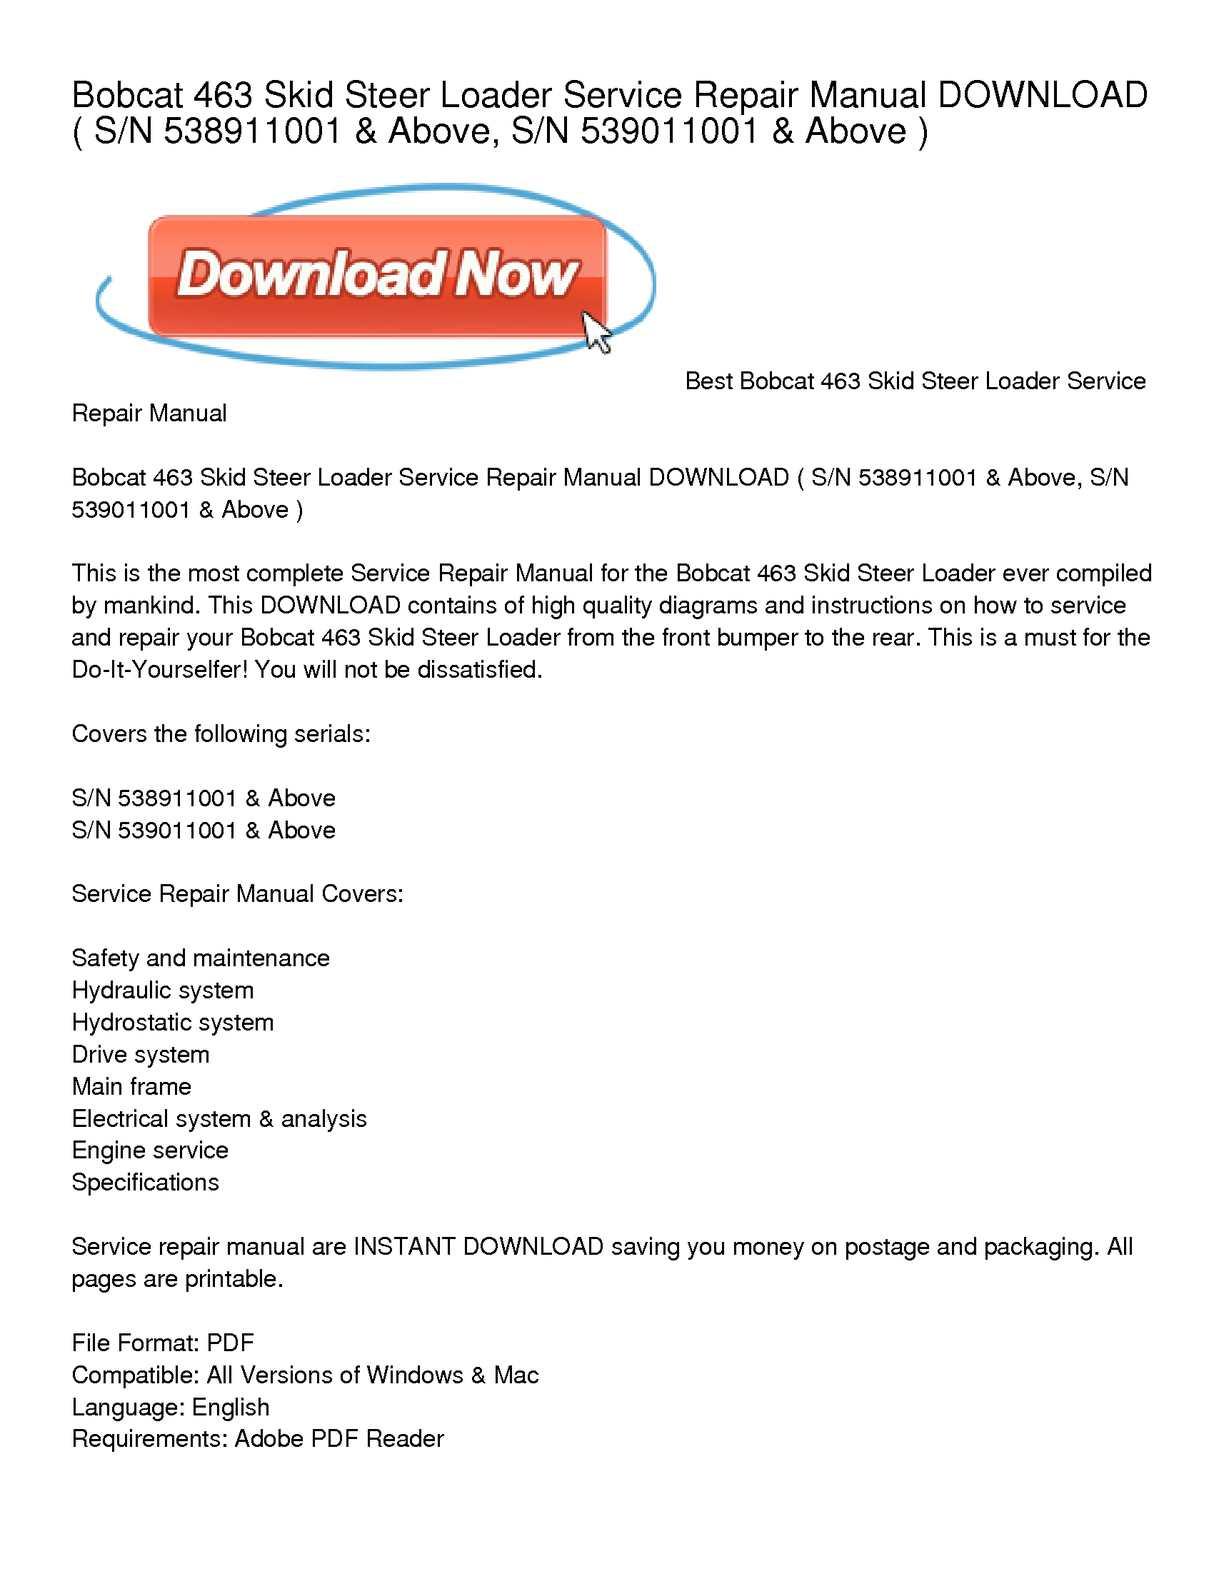 Calamo Bobcat 463 Skid Steer Loader Service Repair Manual Download 2000 Wiring Diagram